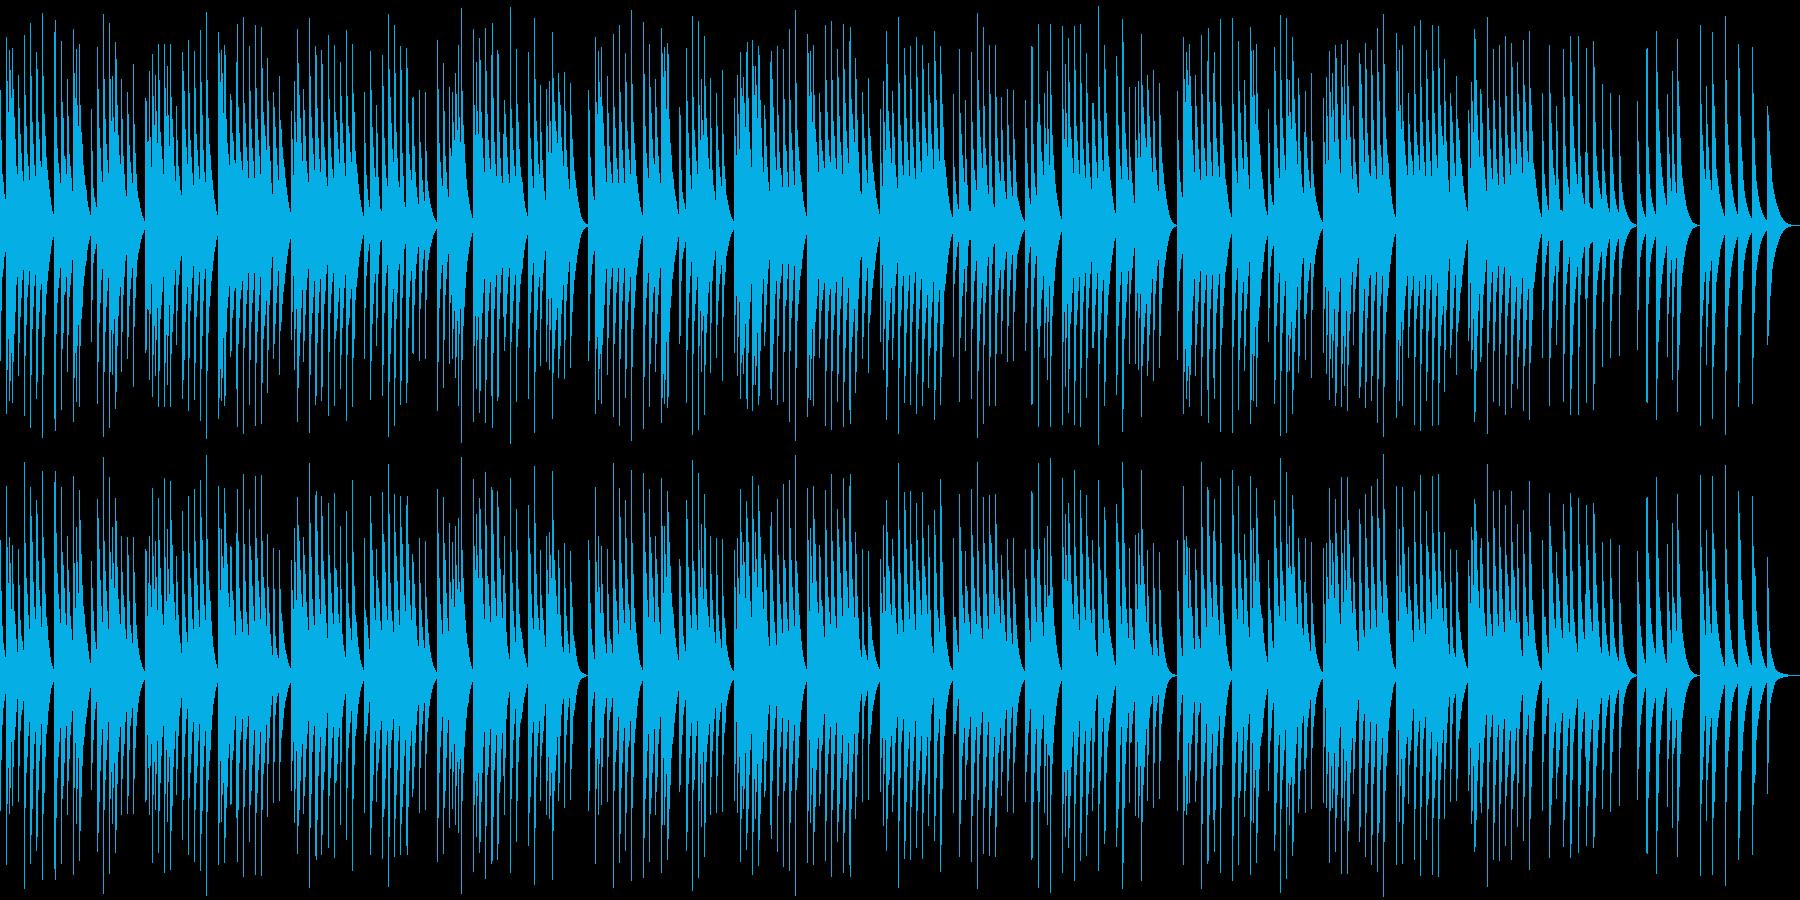 懐かしい雰囲気のオルゴール曲の再生済みの波形